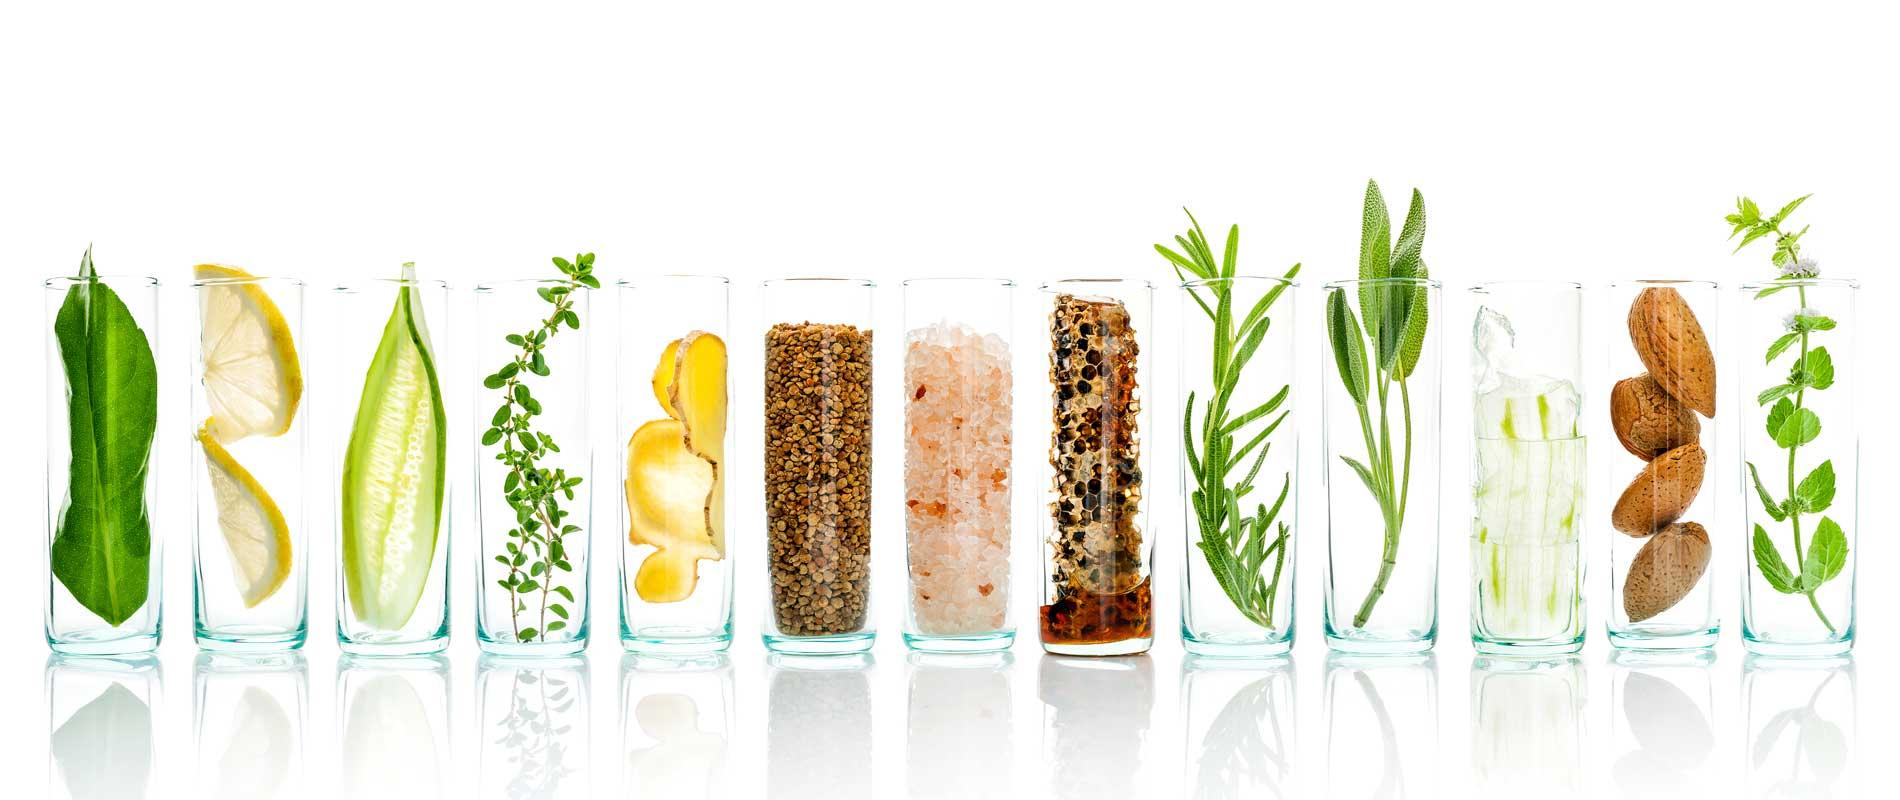 Cosmétique naturelle et cosmétique Bio : comment s'y retrouver ?